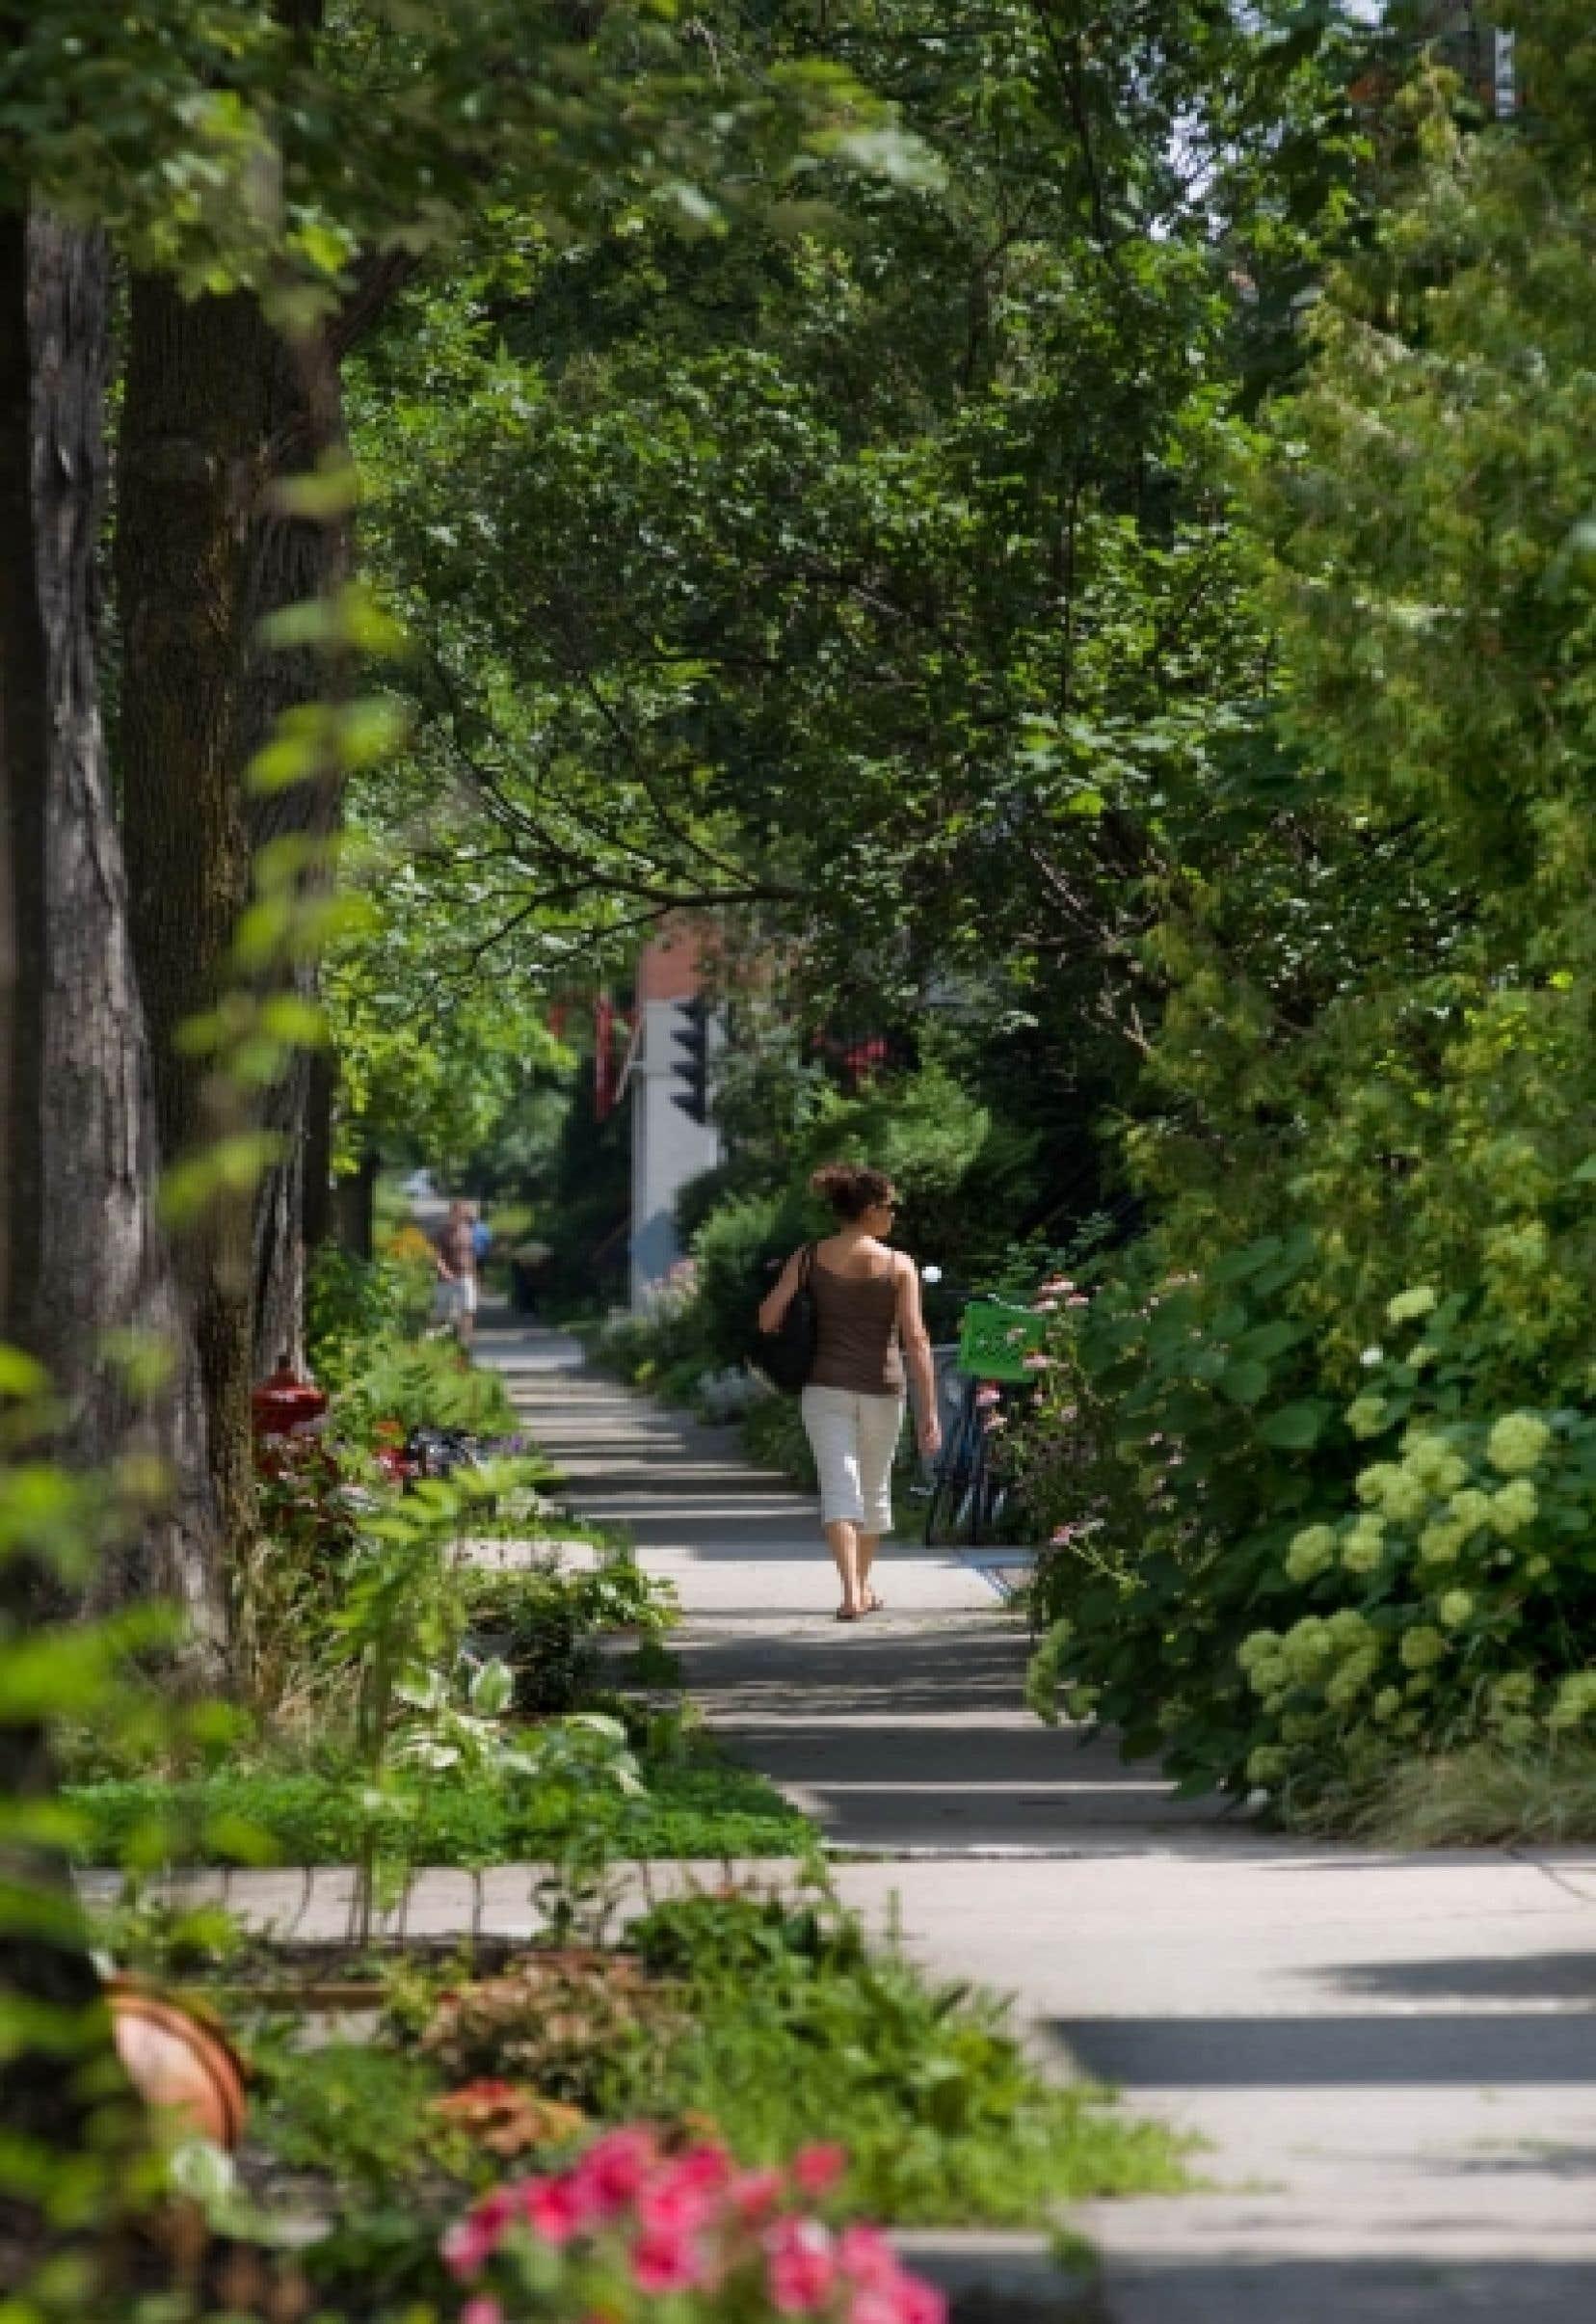 Exemple d&rsquo;am&eacute;nagement vert dans Rosemont&ndash;Petite-Patrie<br />